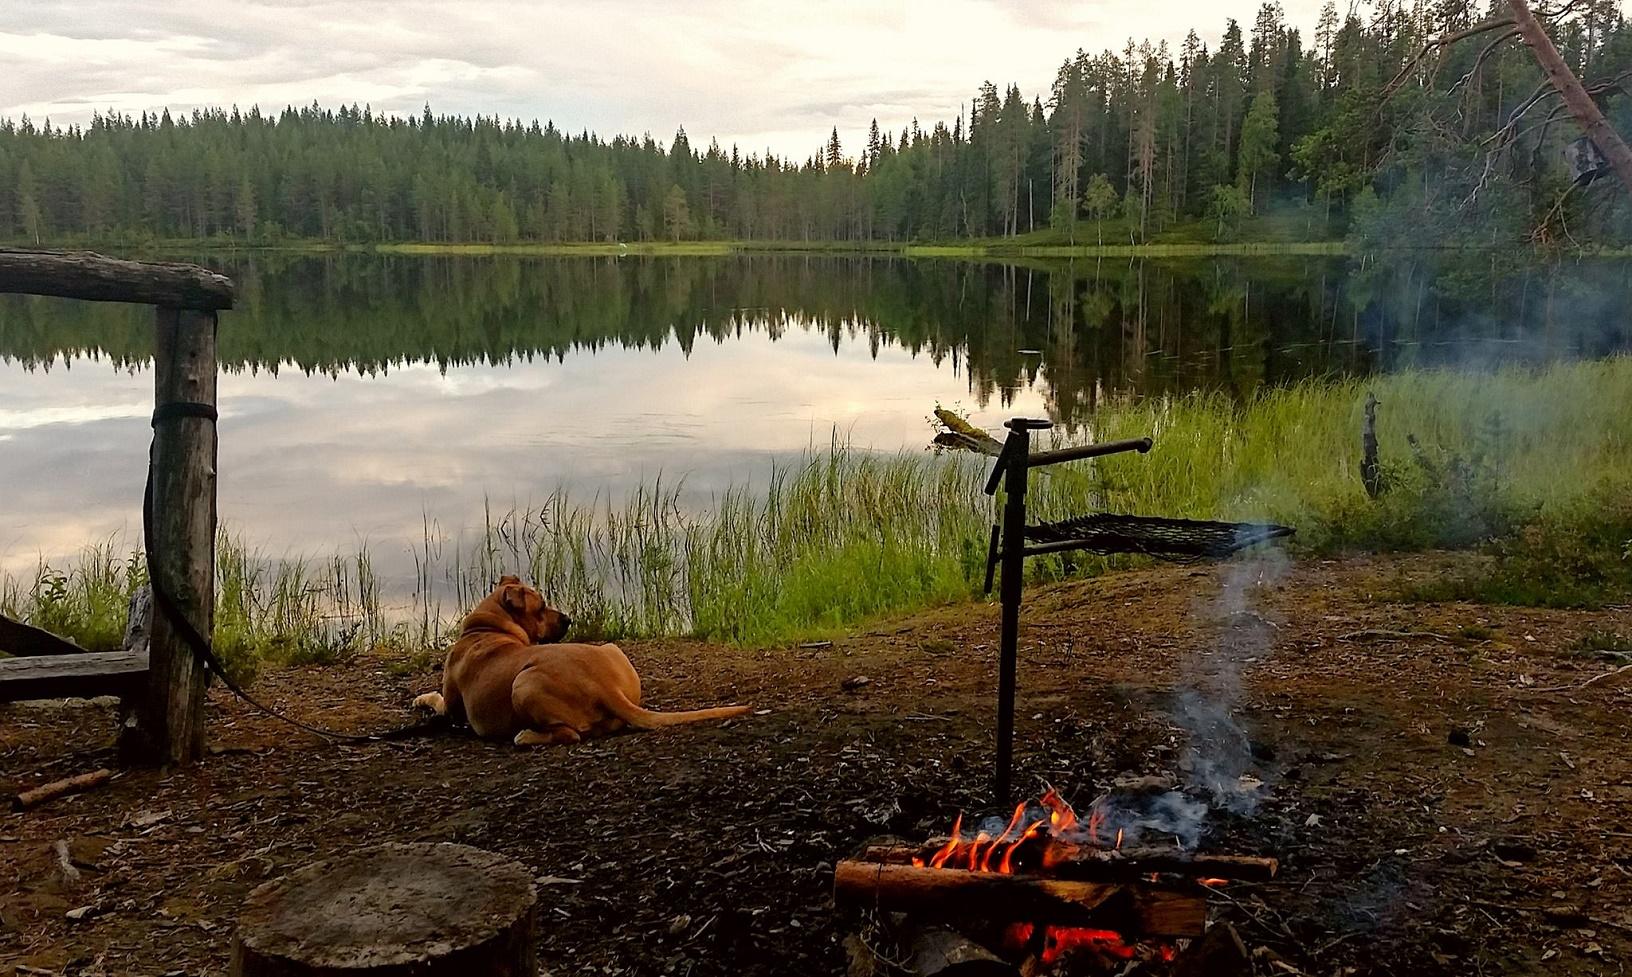 Die wunderschöne finnische Natur am Ylimmäinen Pirinjärvi, Taivalkoski.